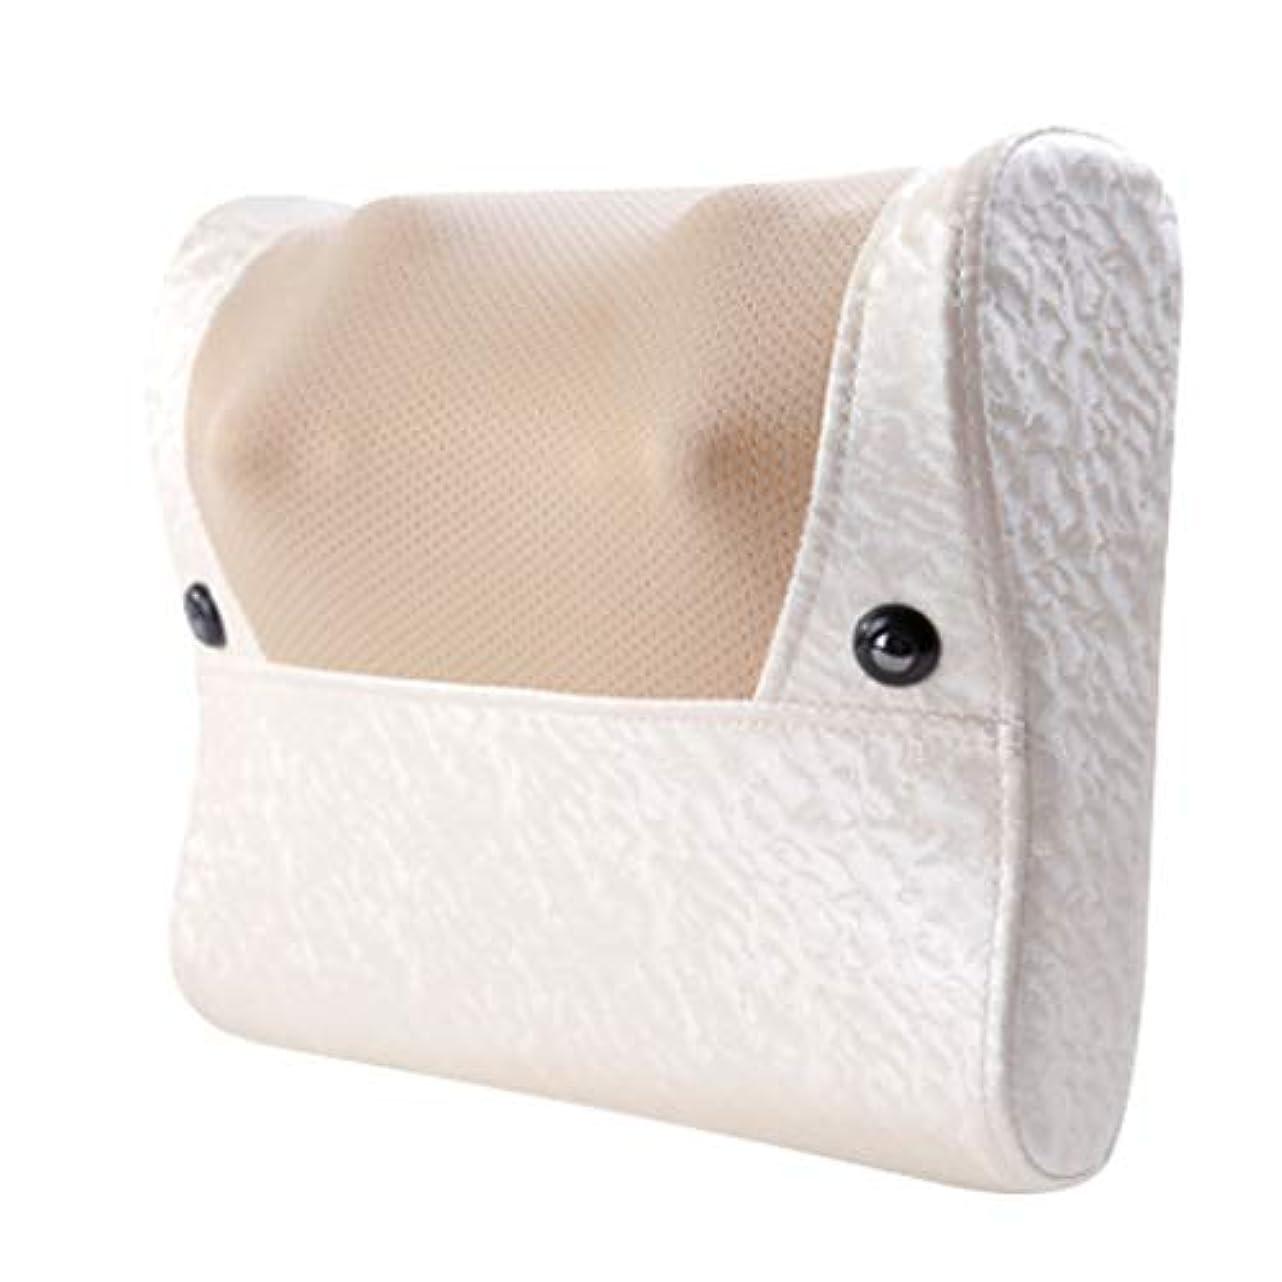 疎外する適切にシャツ8Dネックマッサージャー - 家庭用電動多機能ボディマッサージ、カーパッド、首、肩、腰、脚マッサージ。